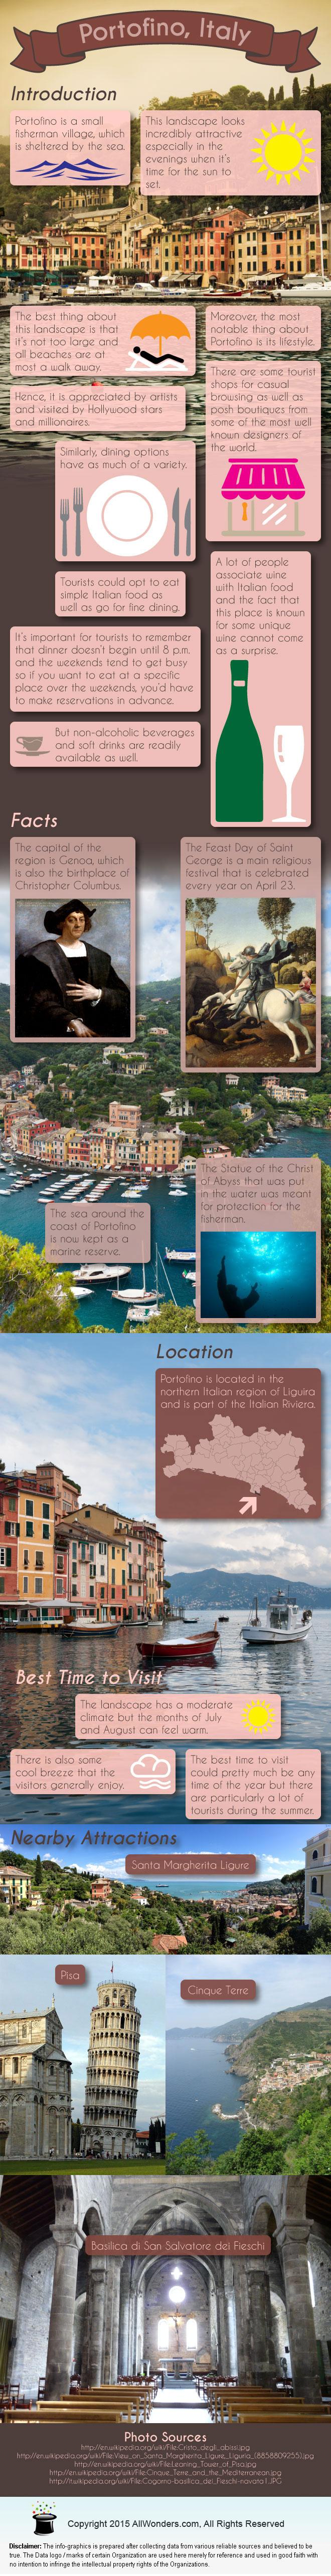 Portofino, Italy: Facts & Infographic